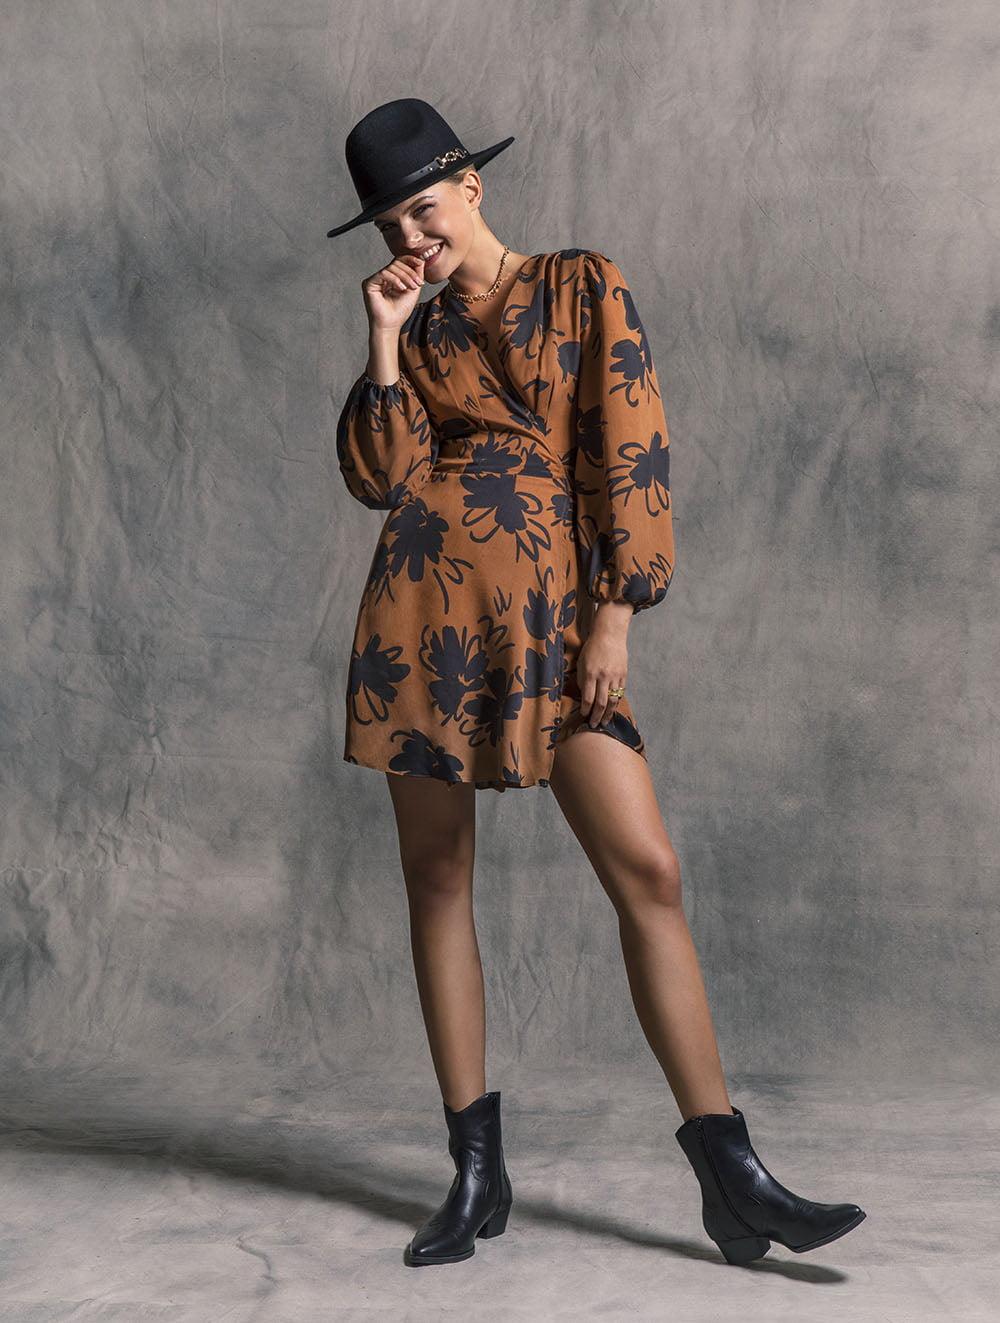 Rachel floral dress